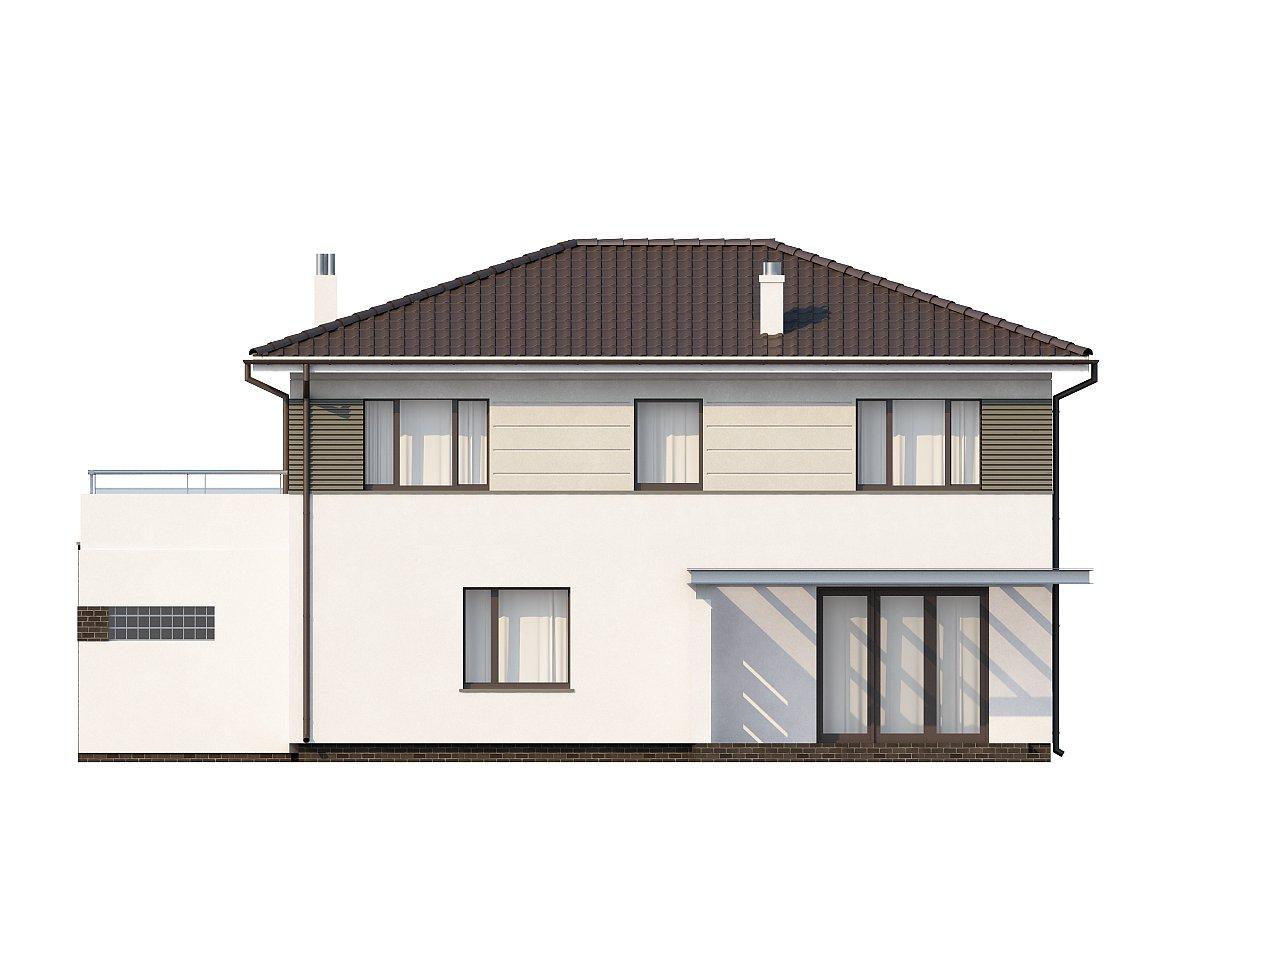 Практичный двухэтажный дом простой формы с низкой крышей, с гаражом для двух автомобилей. - фото 5